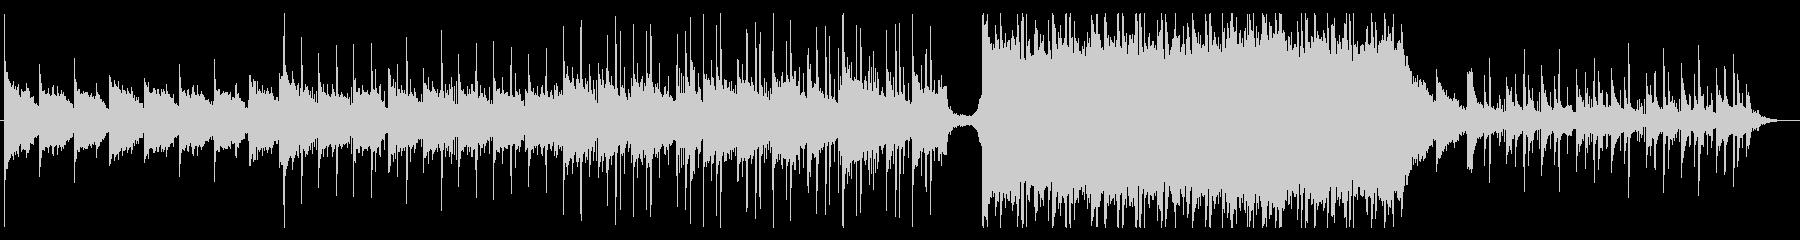 ピアノアルペジオが綺麗な切ない曲の未再生の波形